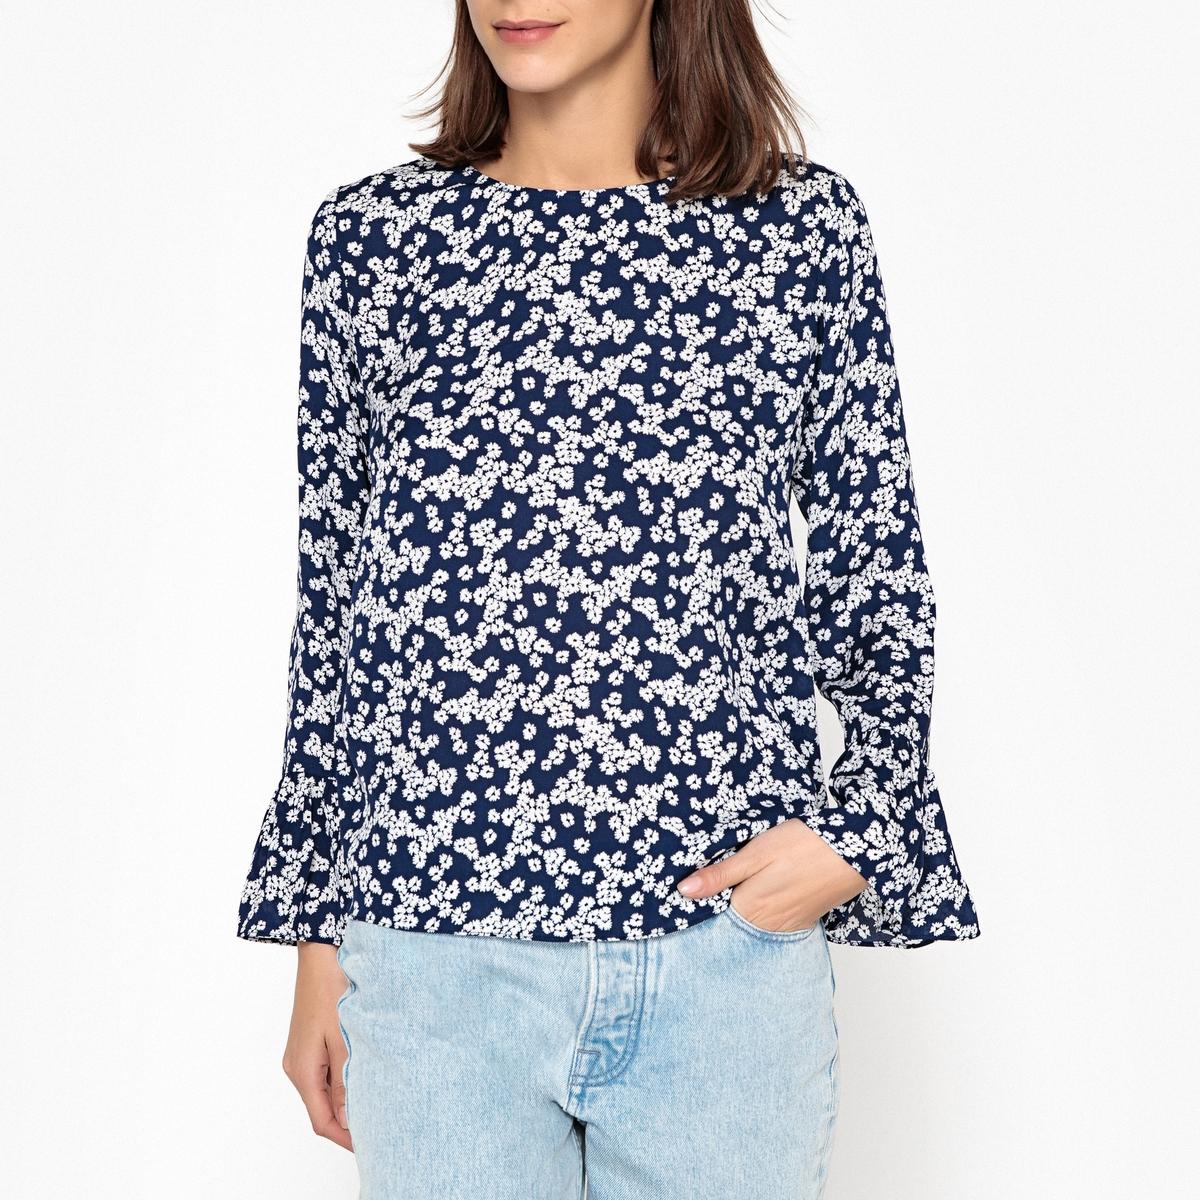 Блузка с рисунком, круглым вырезом  длинными рукавами